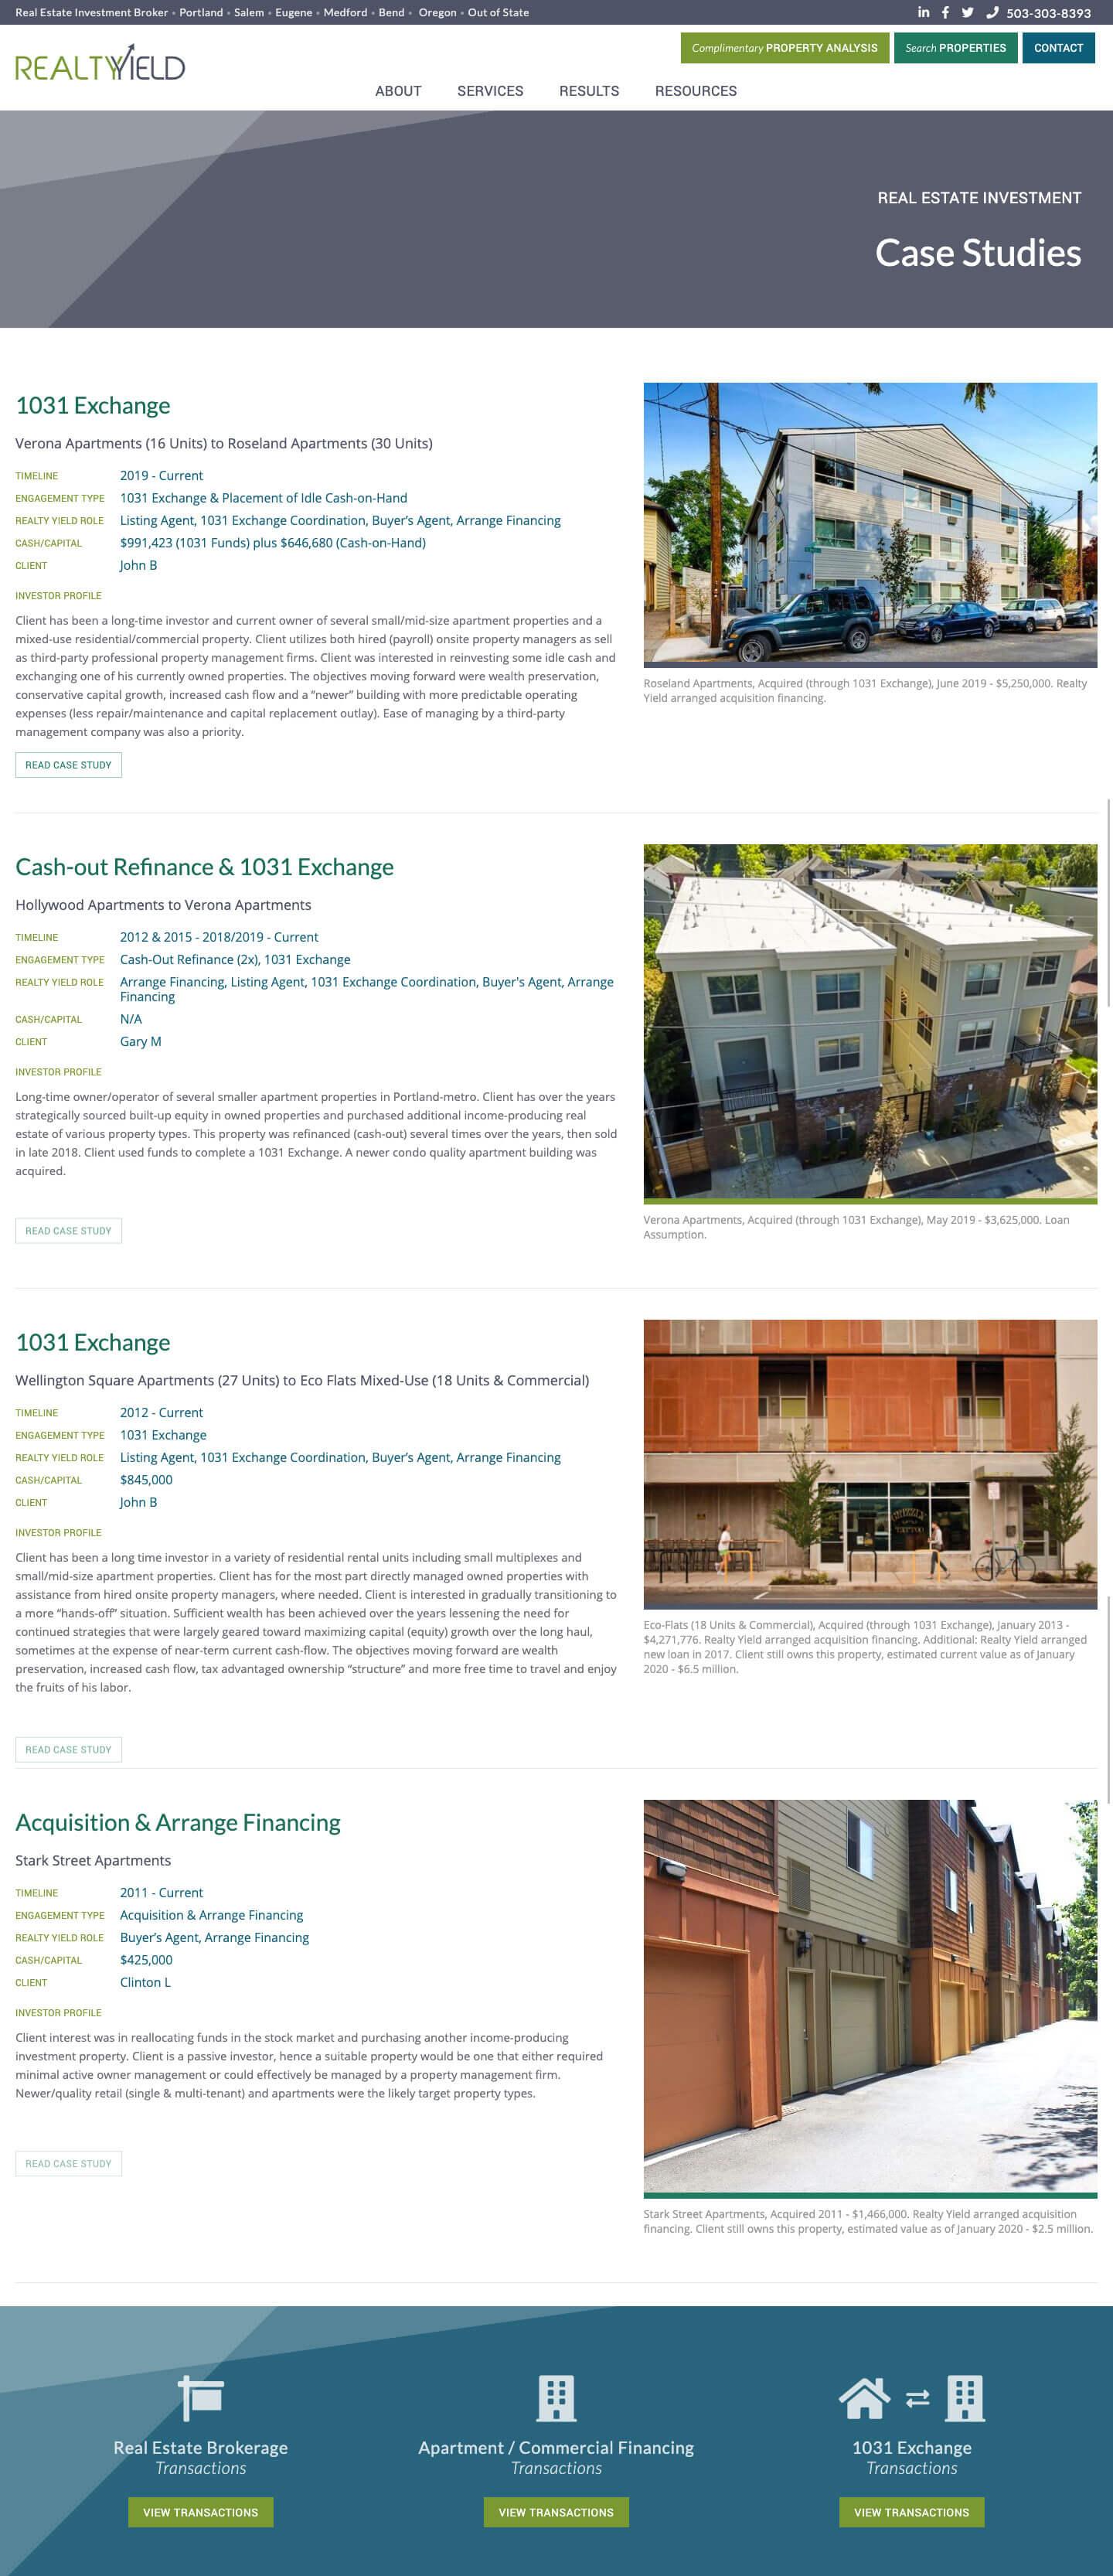 Case Studies Page